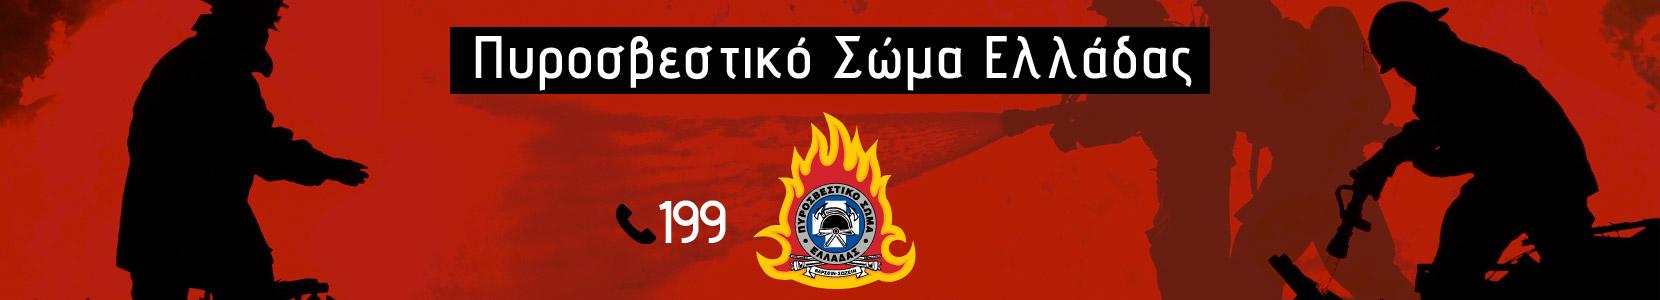 Πυροσβεστικό σώμα logo